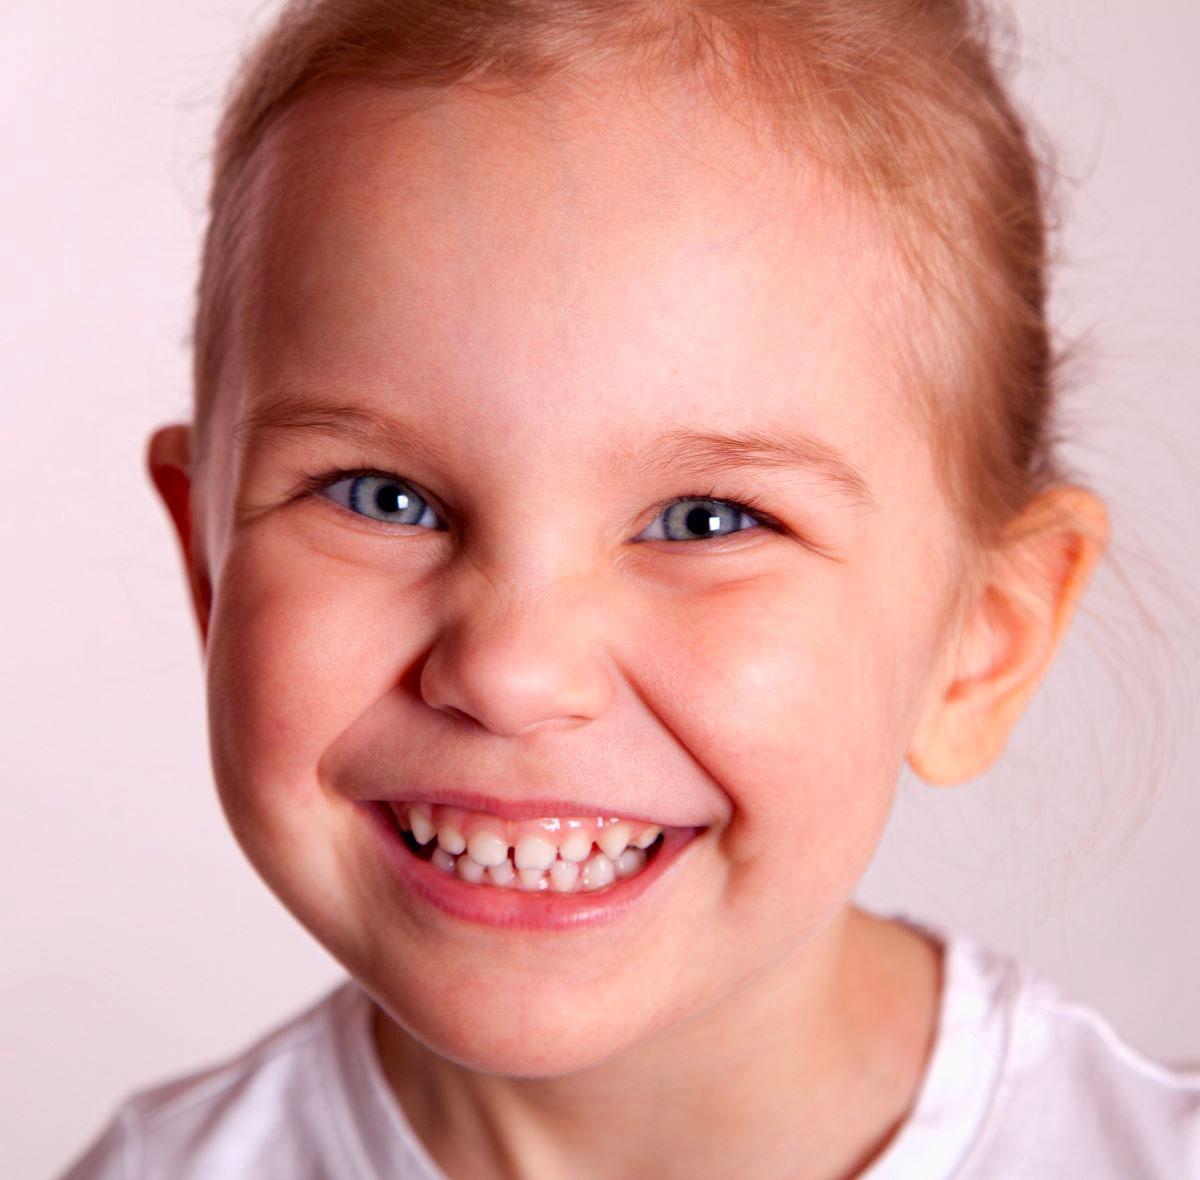 Sorridi-ch-magazine-evitare-che-i-denti-dei-bambini-crescano-storti